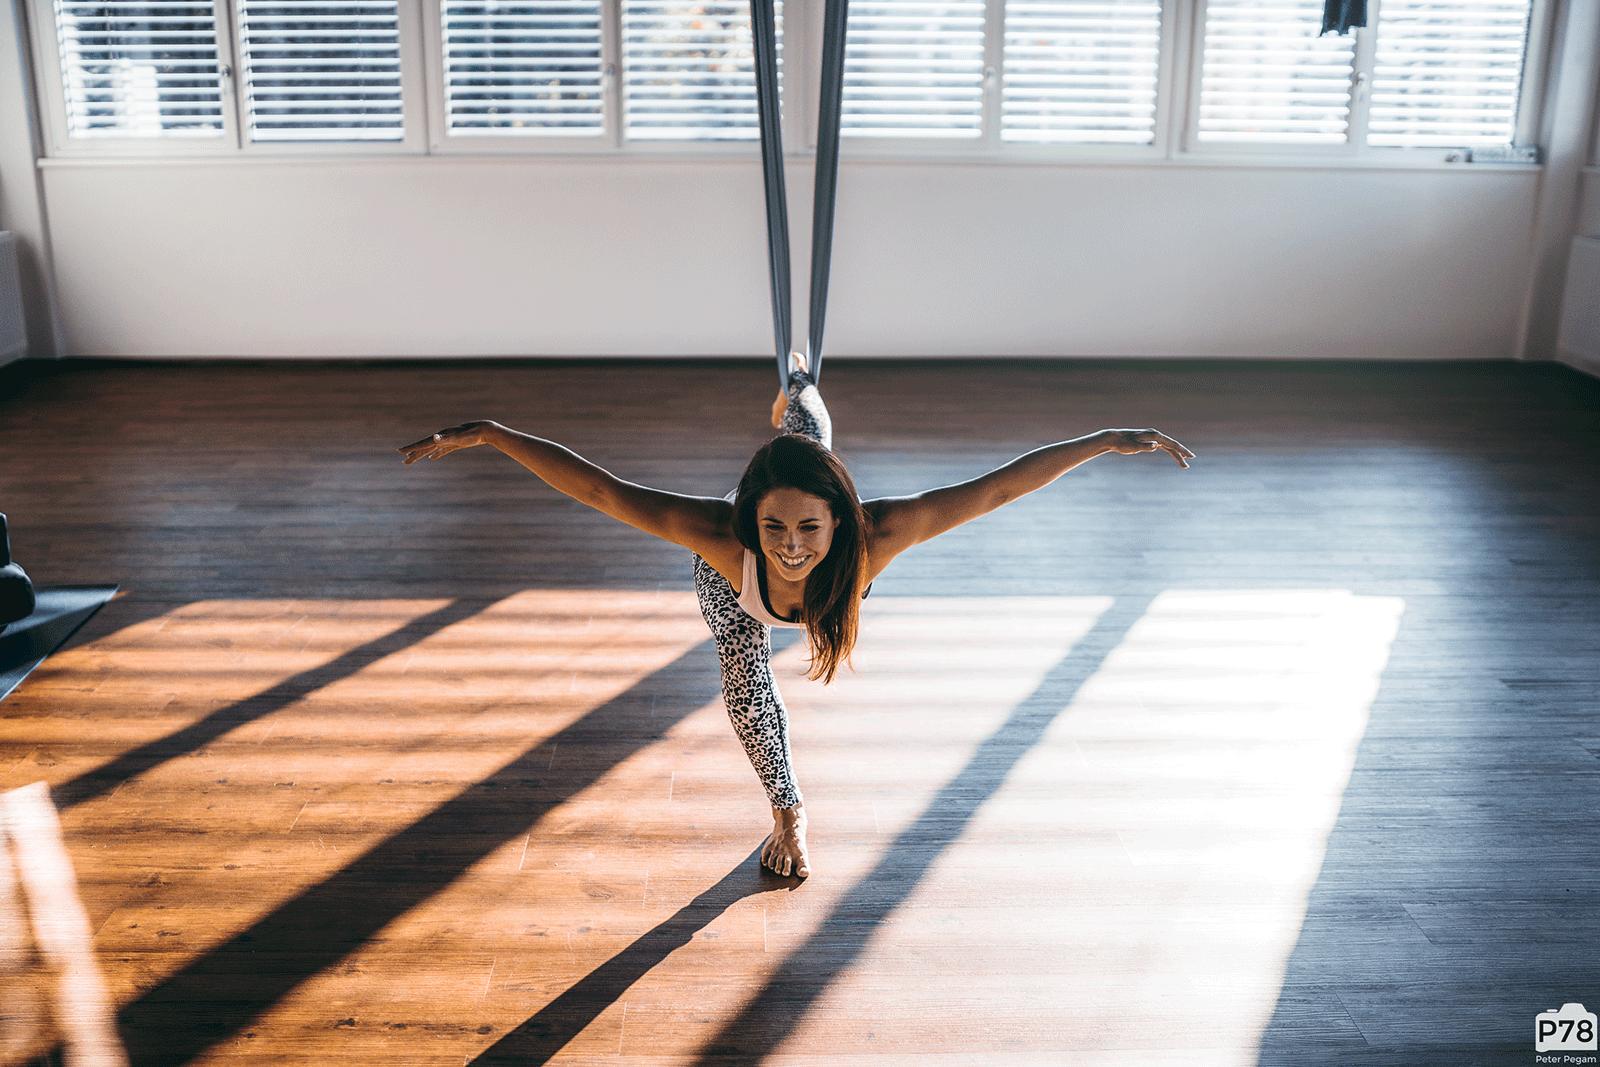 Aerial Yoga by Barbara Foster